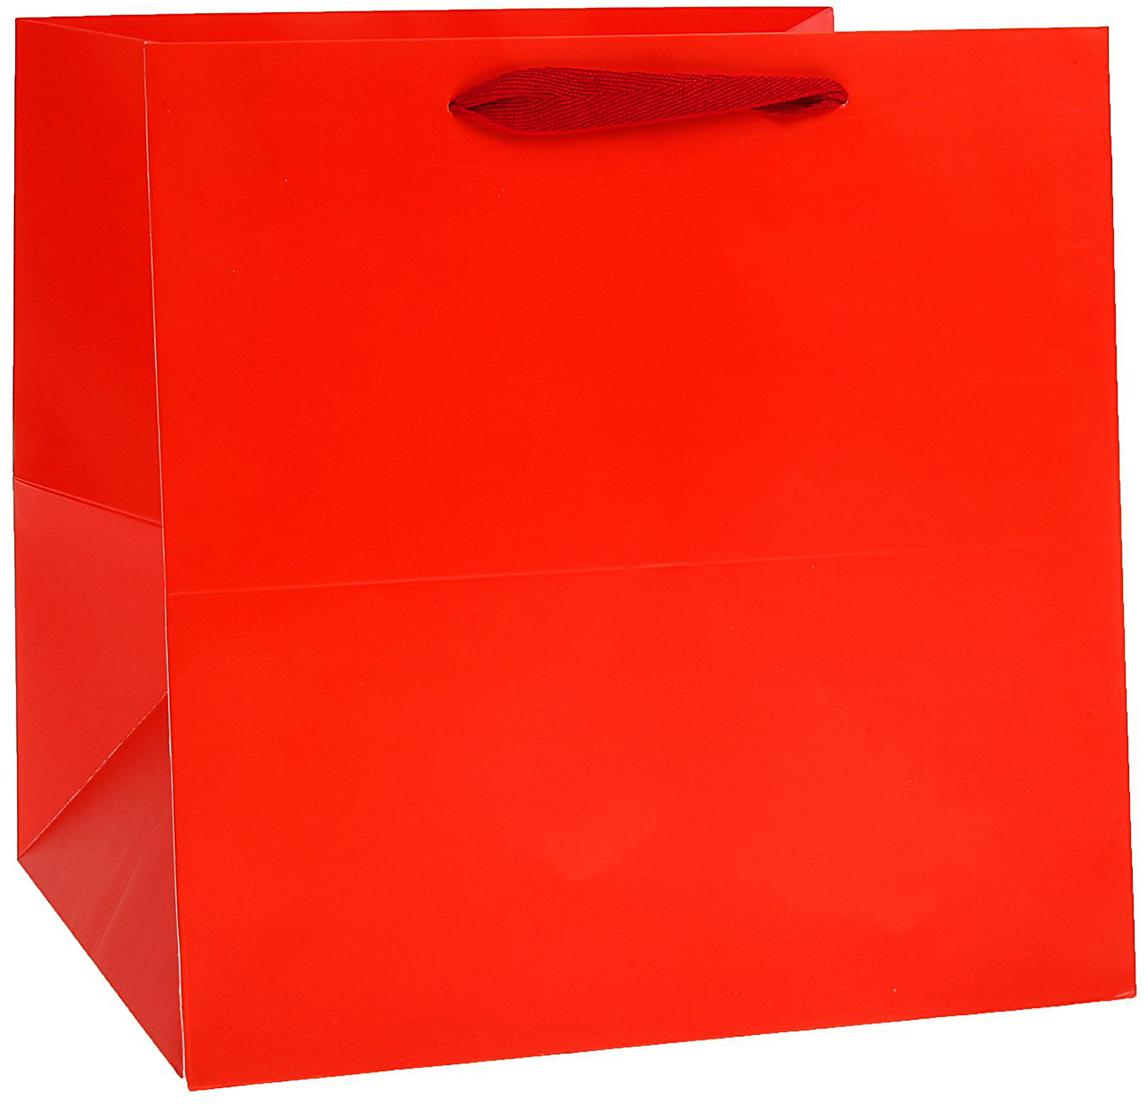 Пакет подарочный, цвет: красный, 30 х 30 х 30 см. 15372671537267Любой подарок начинается с упаковки. Что может быть трогательнее и волшебнее, чем ритуал разворачивания полученного презента. И именно оригинальная, со вкусом выбранная упаковка выделит ваш подарок из массы других. Она продемонстрирует самые теплые чувства к виновнику торжества и создаст сказочную атмосферу праздника. Пакет ламинированный - это то, что вы искали.